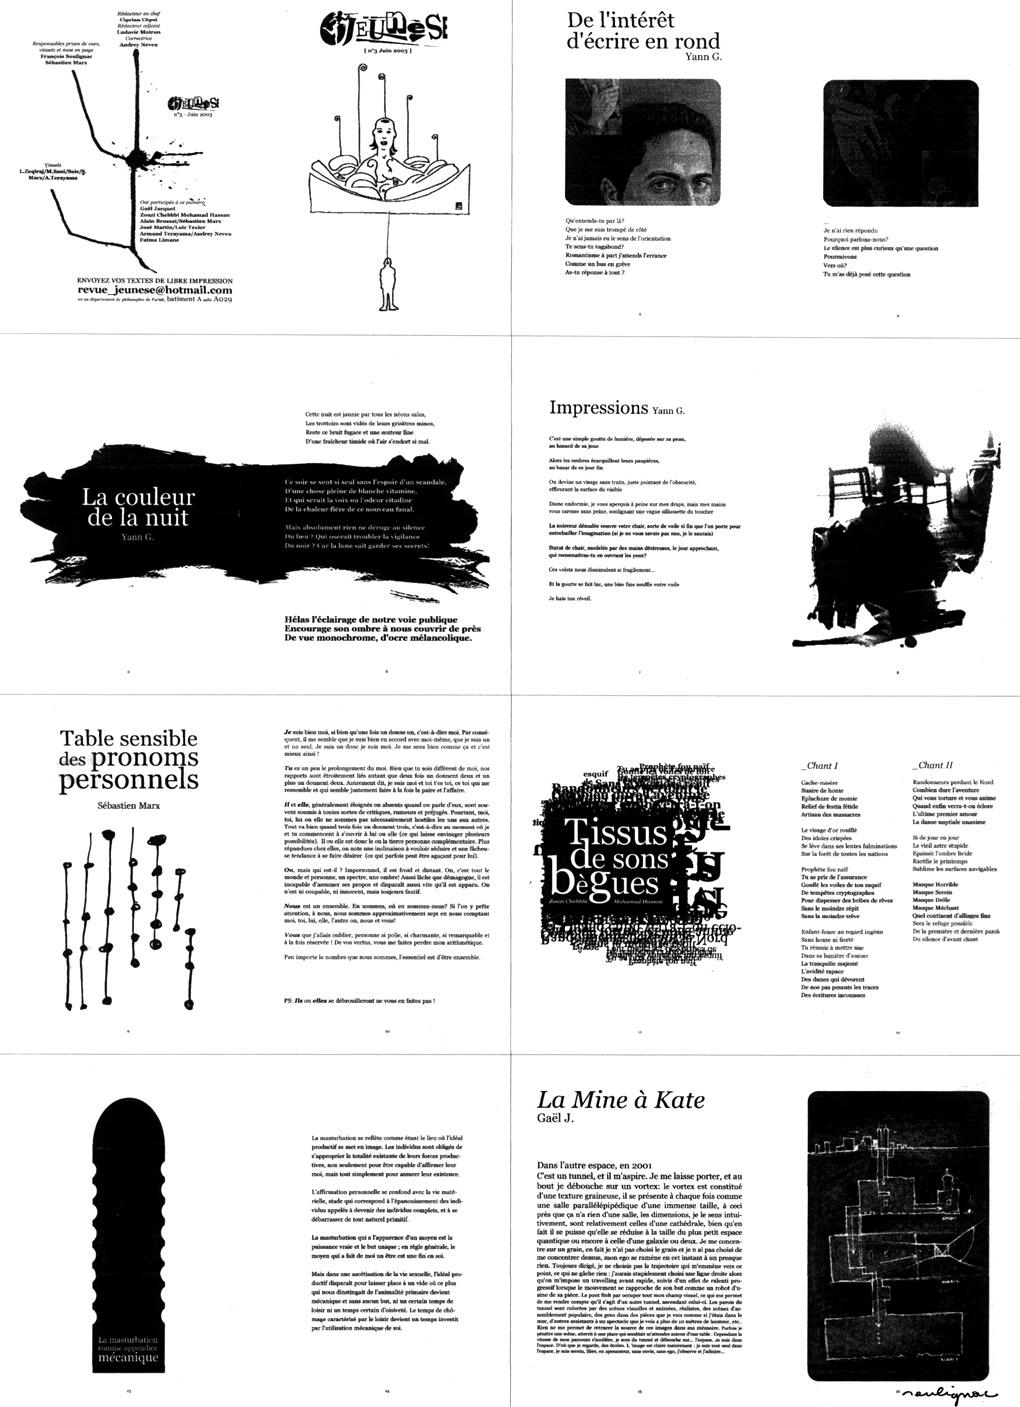 Francois Soulignac - Revue Jeunèse - Université Paris 8 - University of Paris 8 - Chemin de fer du n°3 (juin 2003)